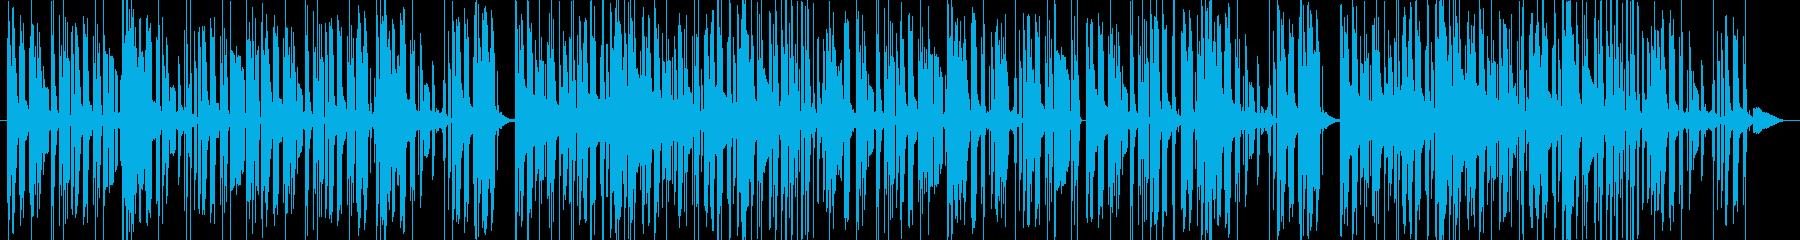 落ち着いたセクシーなビート 洋楽の再生済みの波形